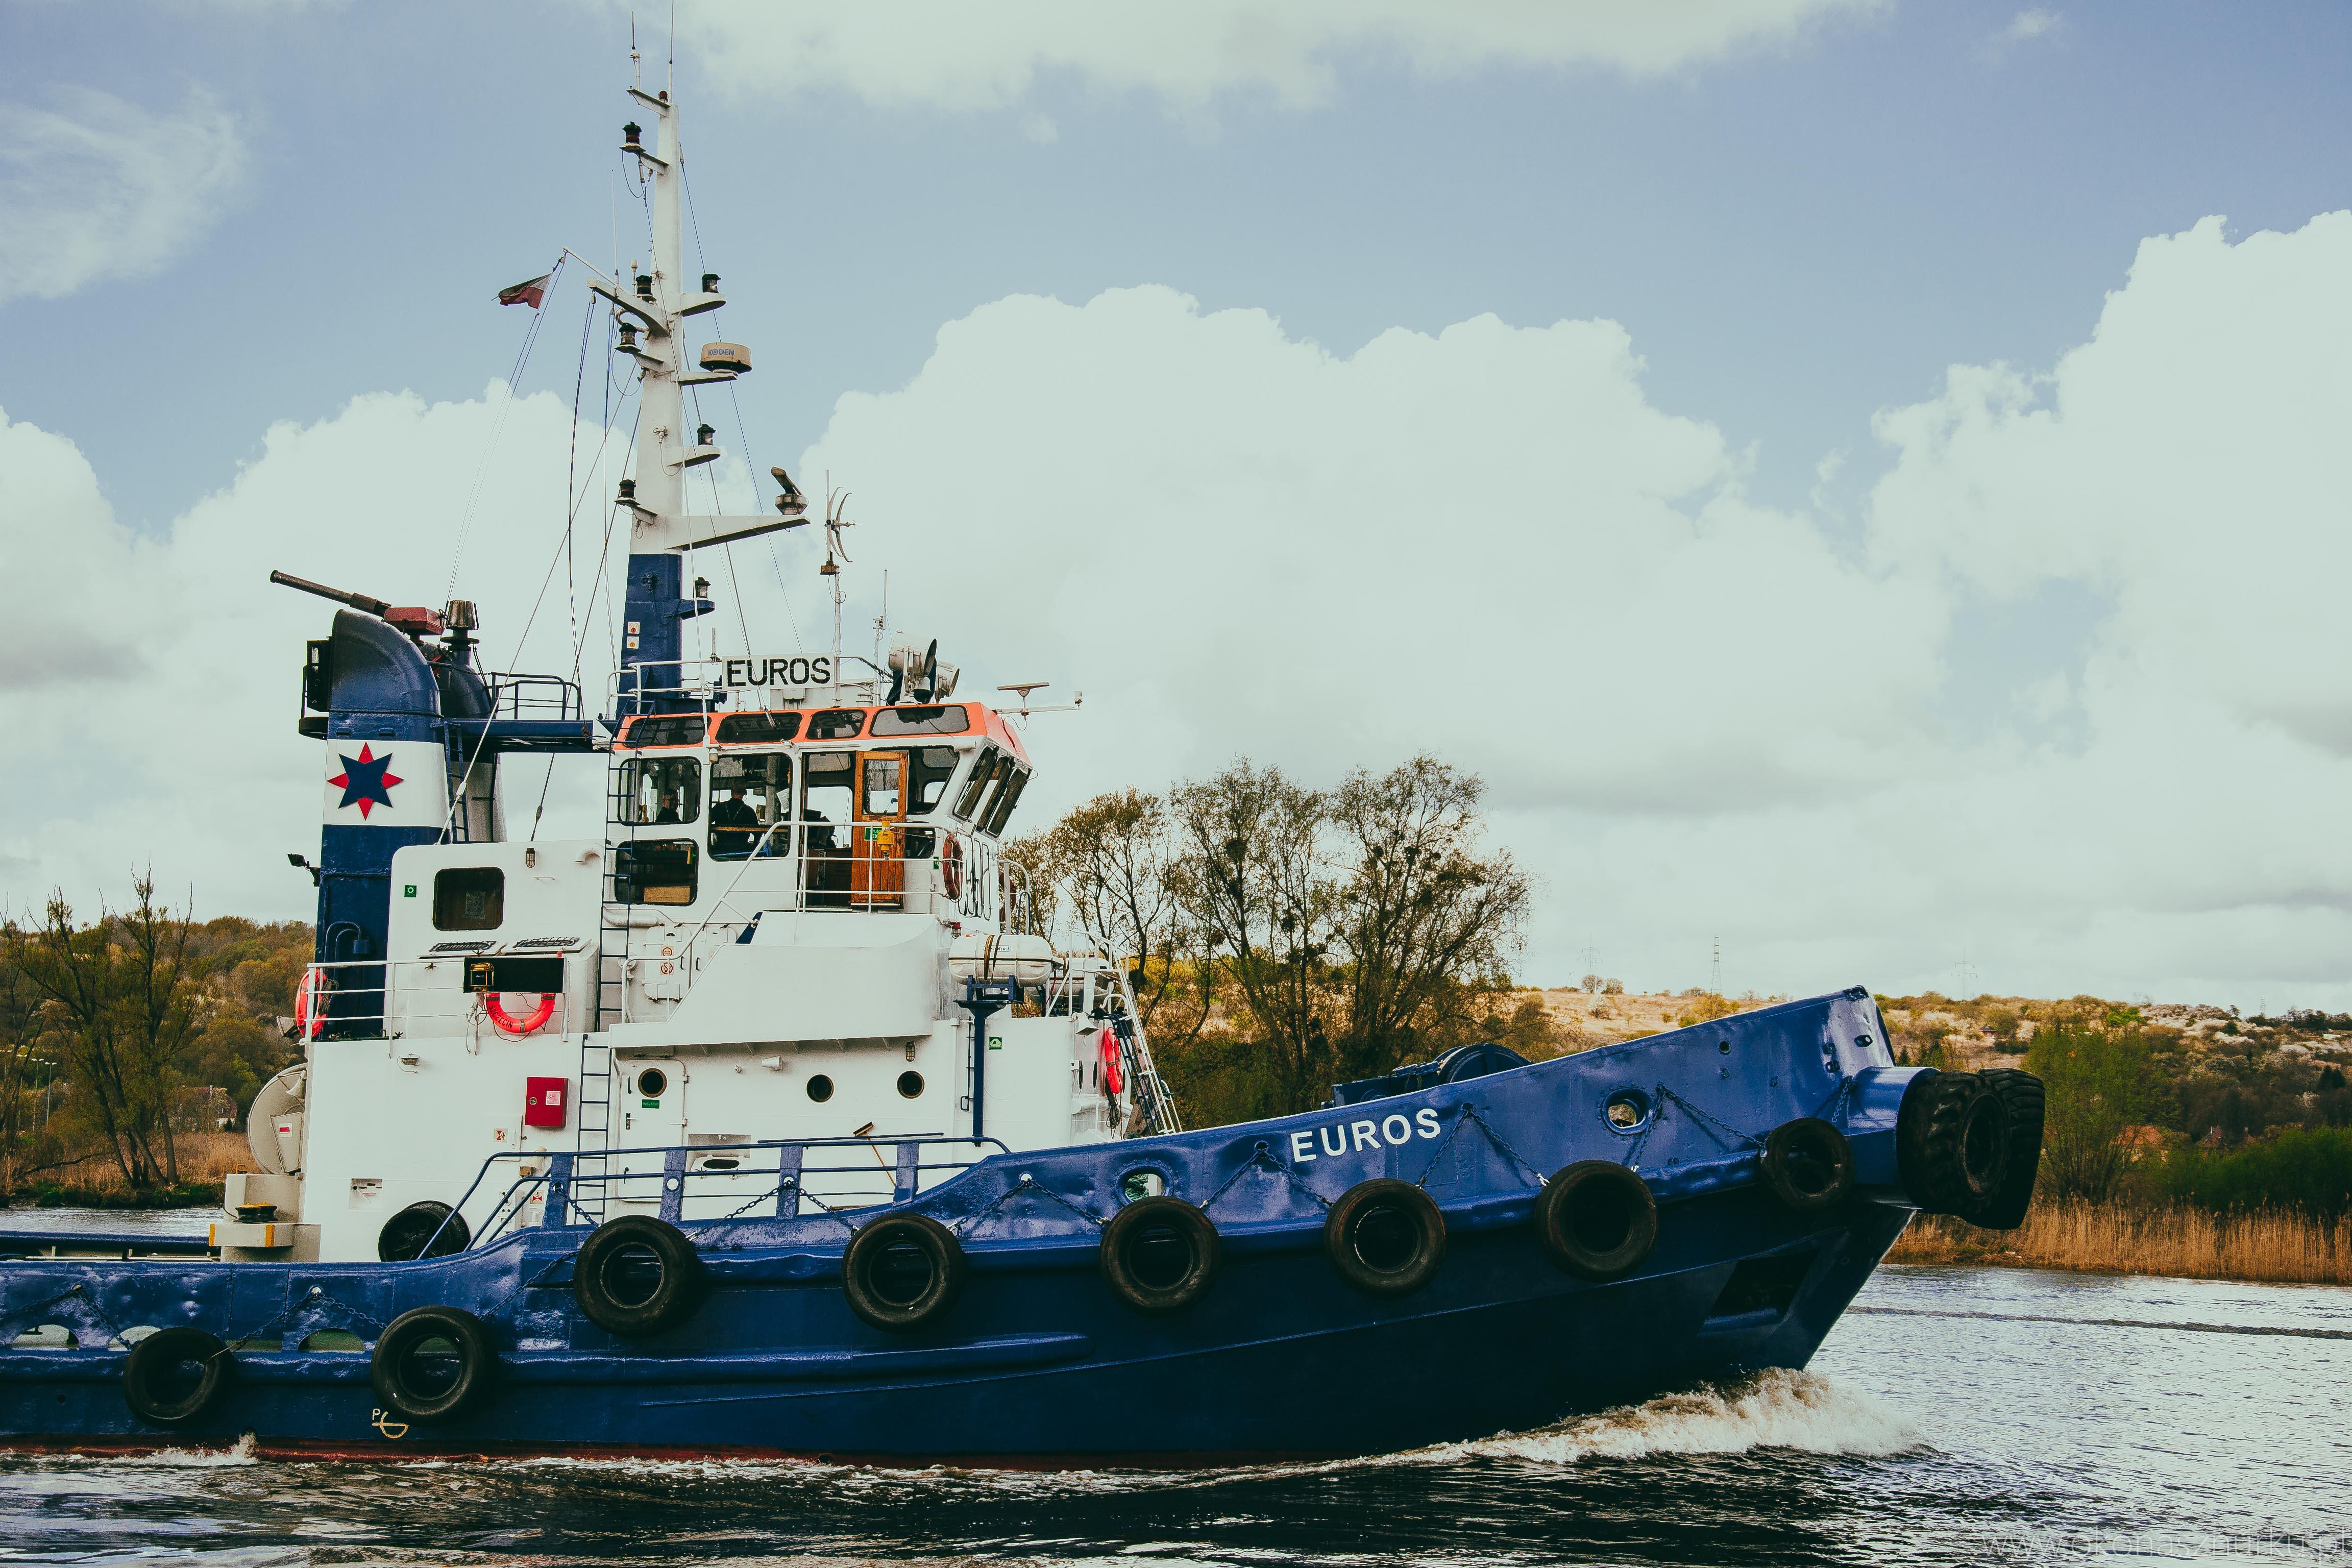 marina-jacht-wyprawy-morskie-silesia-szczecin-goclaw-lubczyna (41)